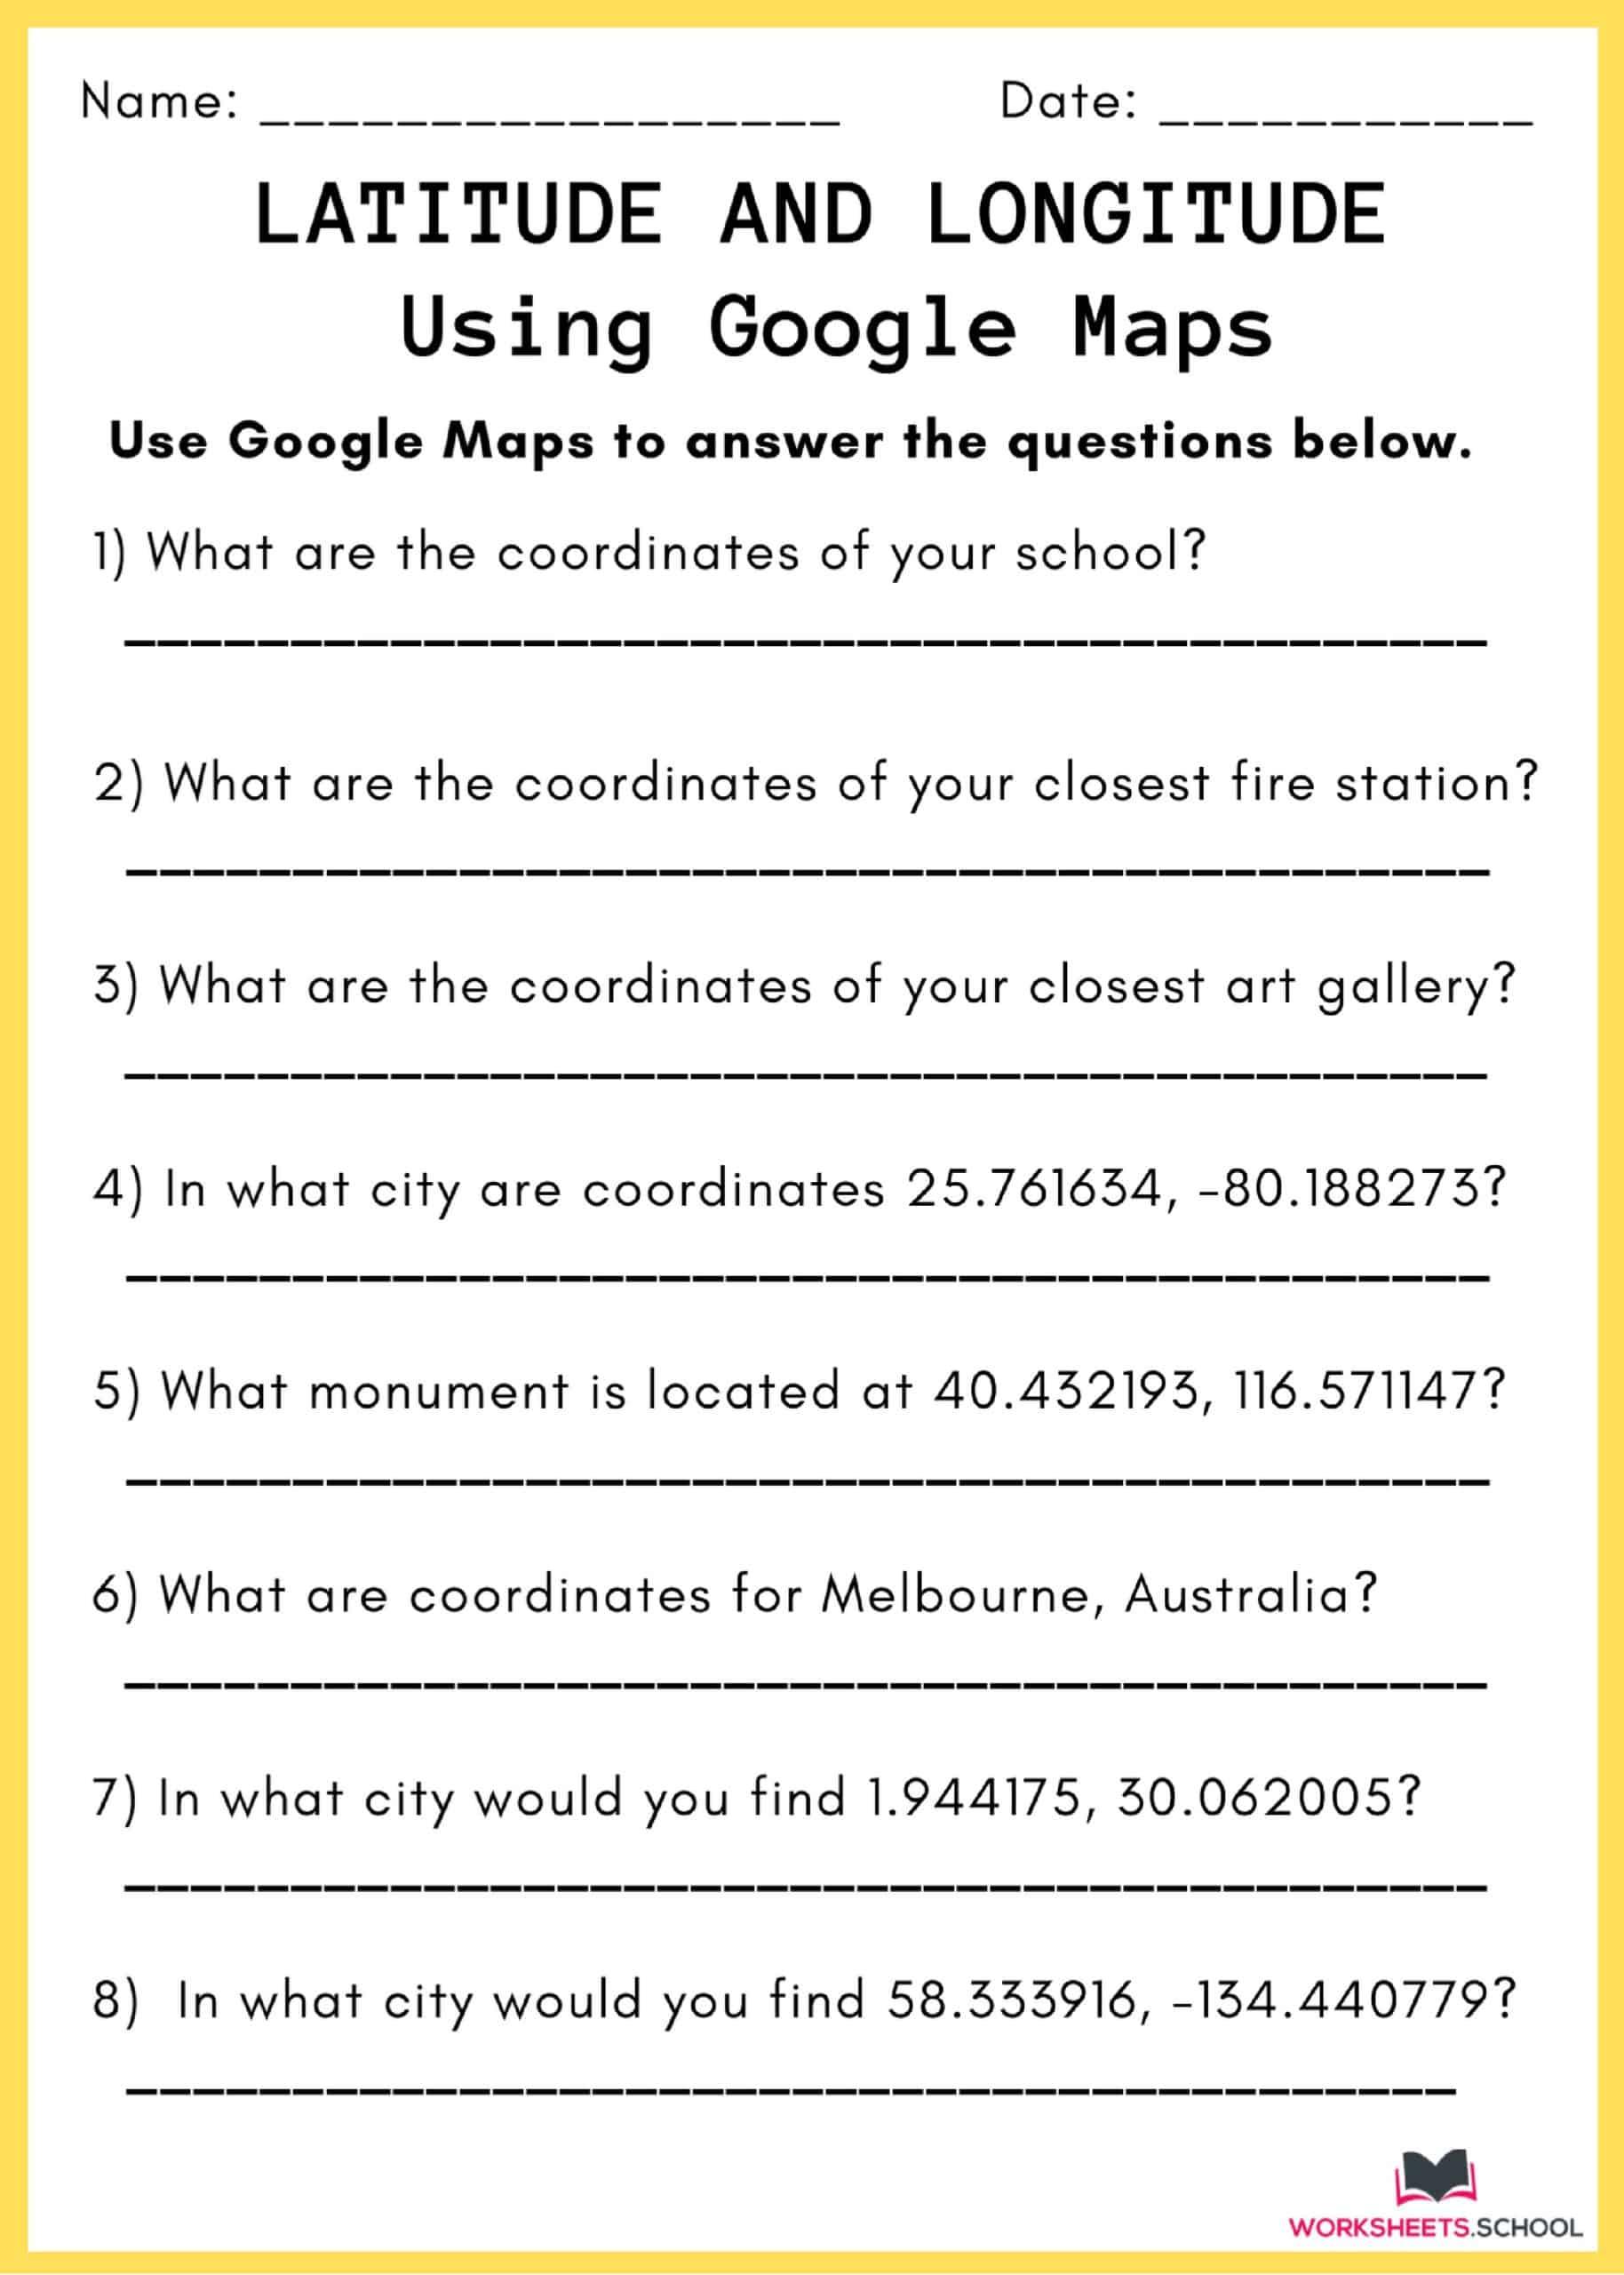 Latitude and Longitude Worksheet - Using Google Maps 2